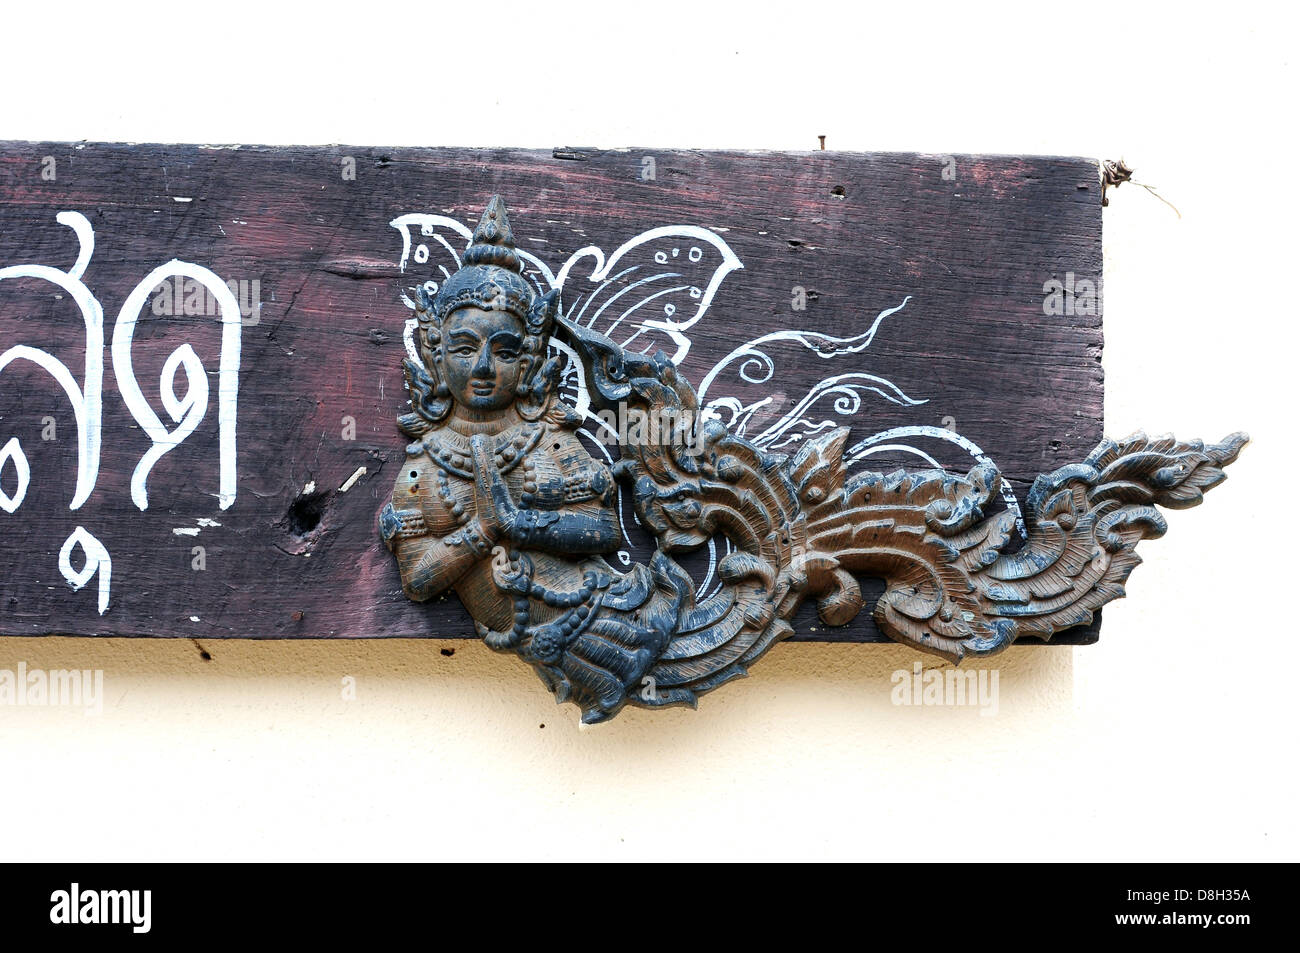 Thai art door doorplate angel carving Wooden wood goddess